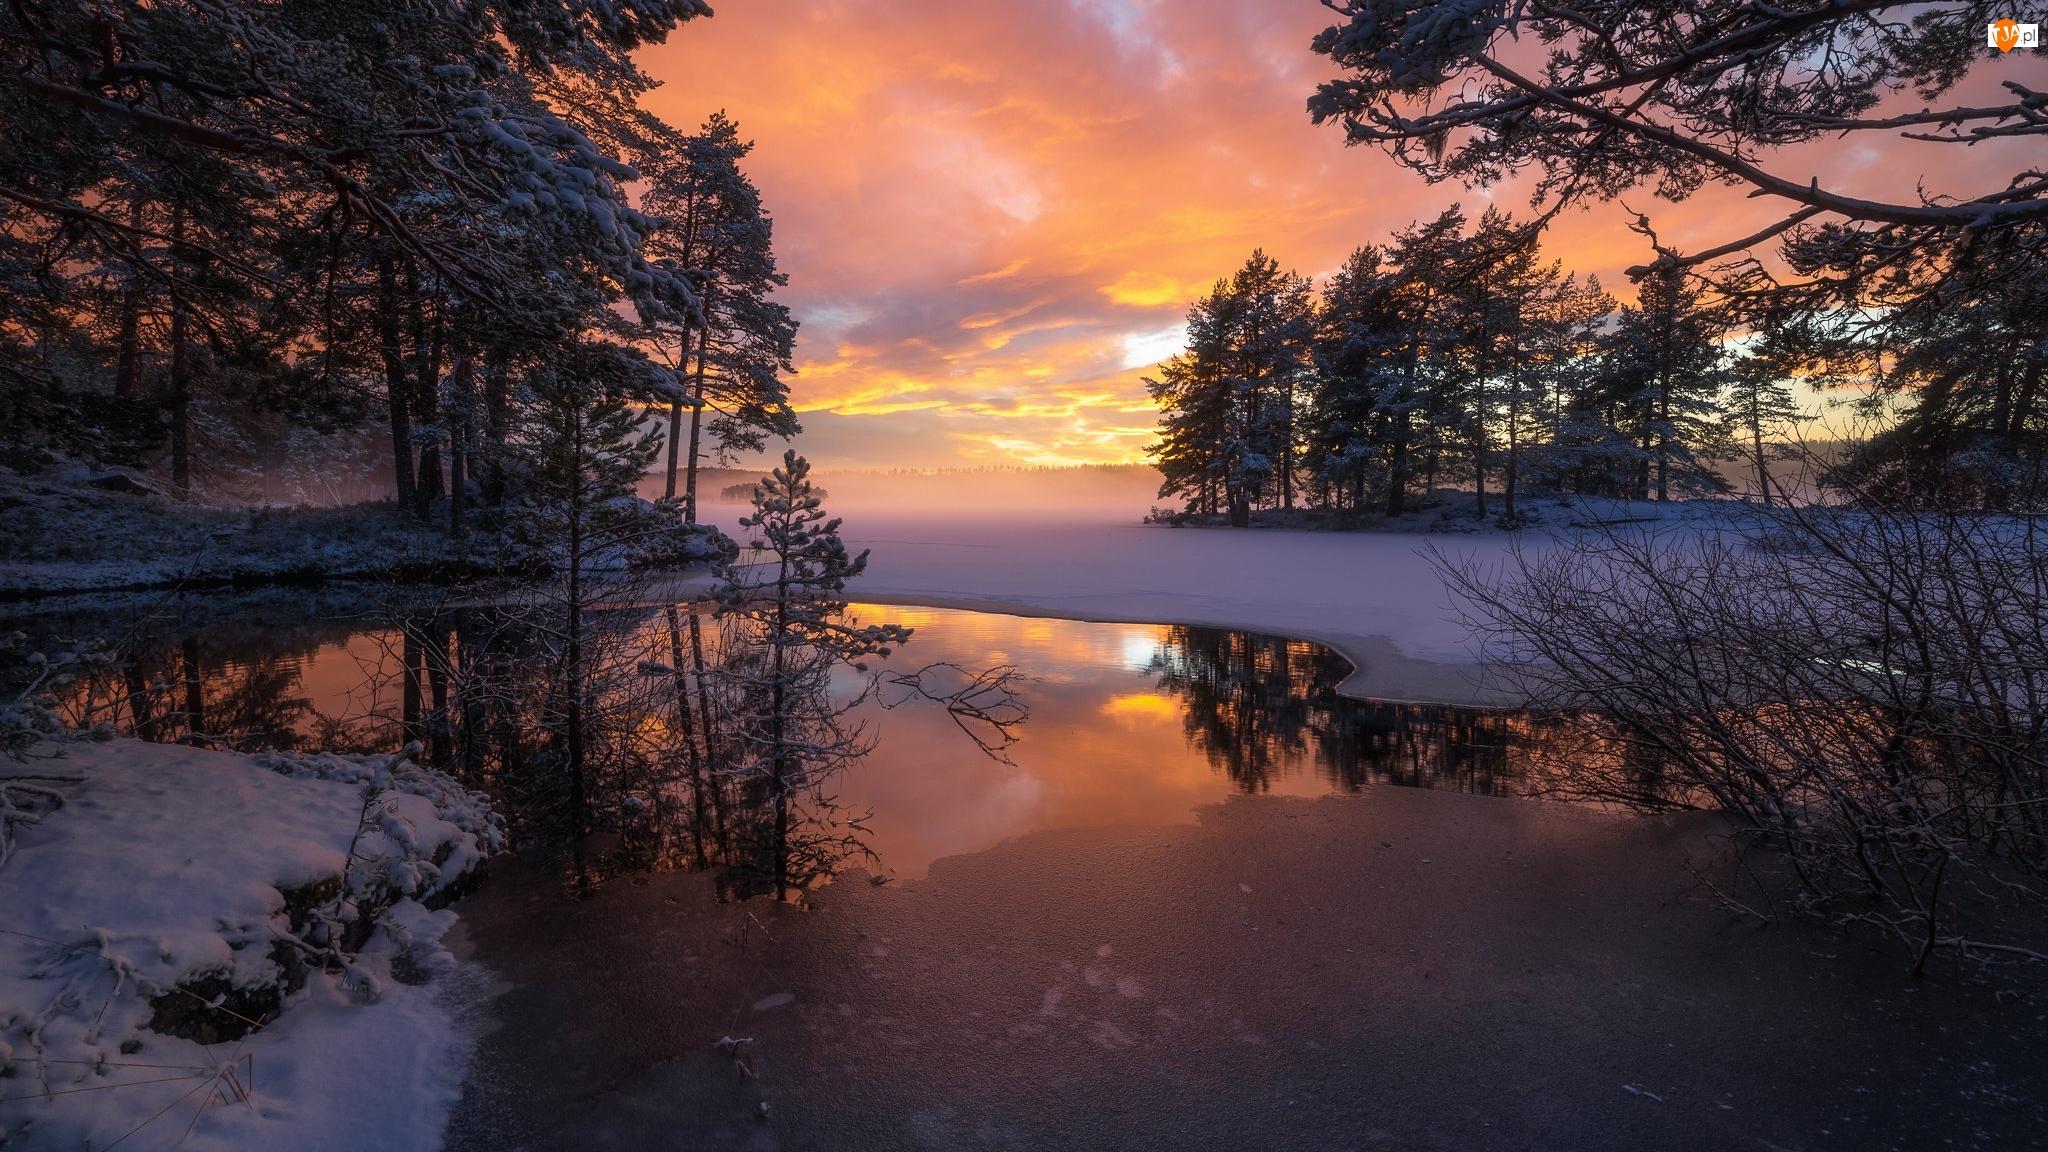 Zachód słońca, Zima, Jezioro, Ringerike, Śnieg, Drzewa, Norwegia, Lód